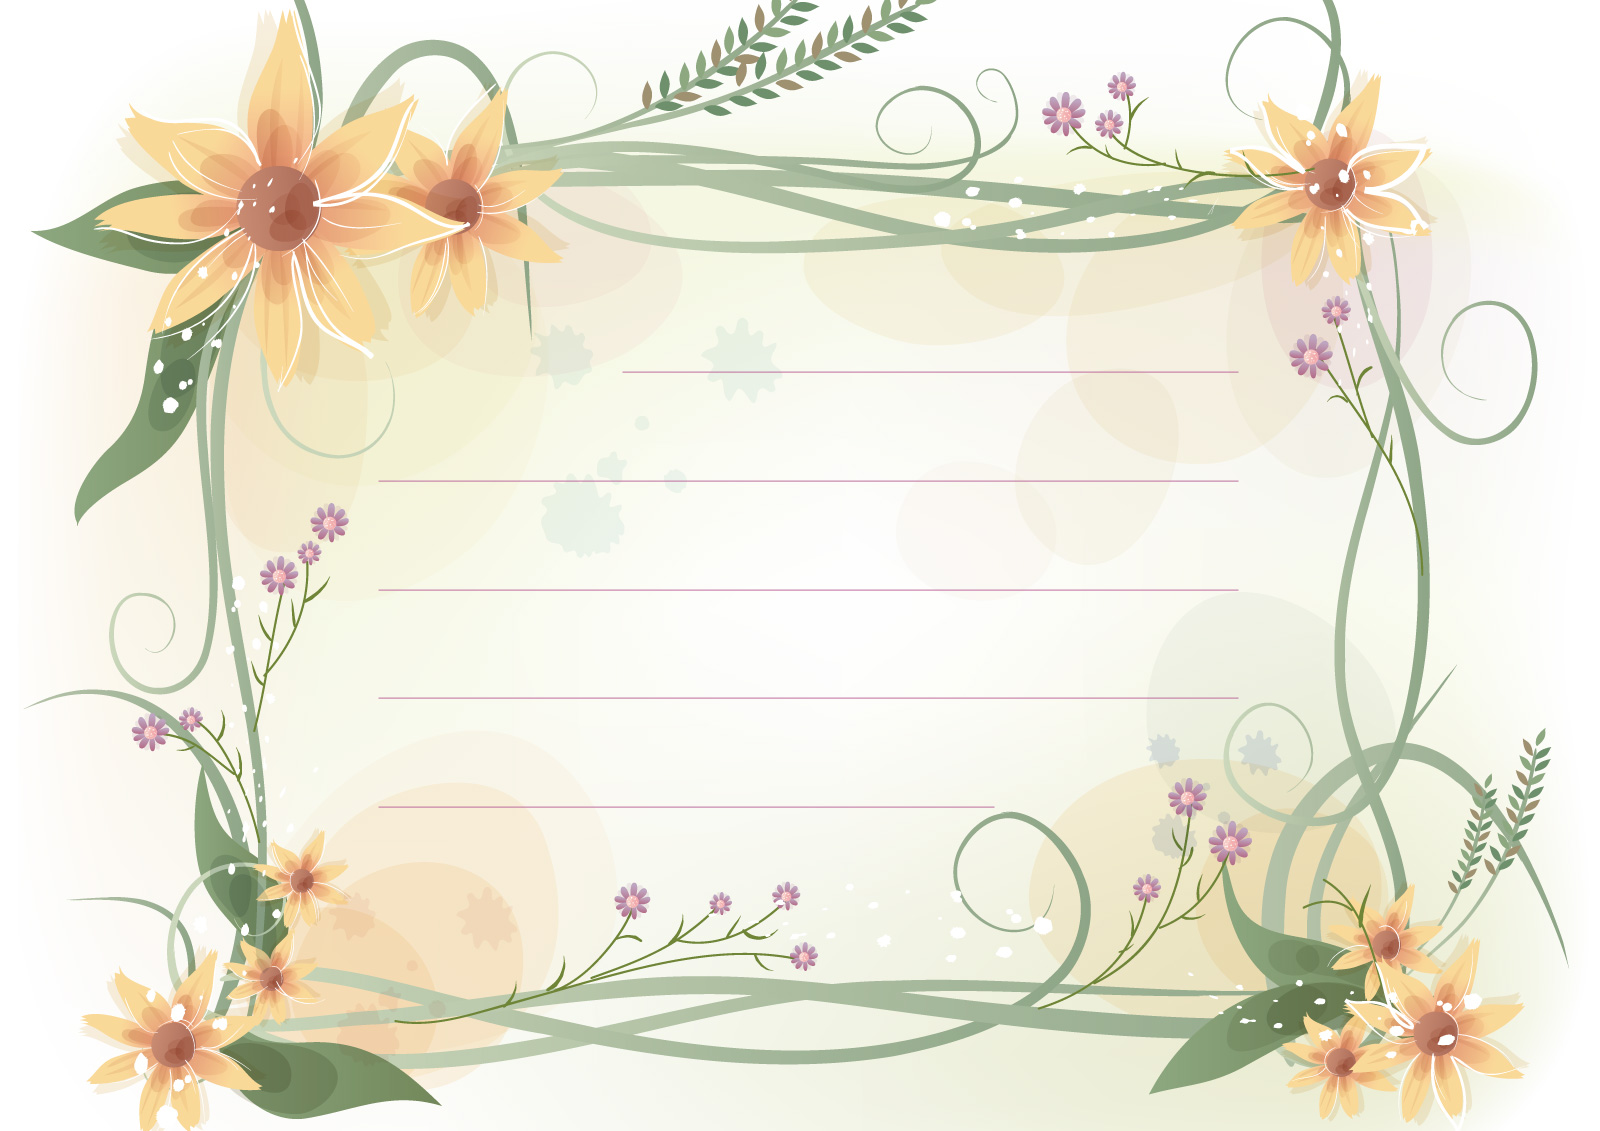 imagen carta: